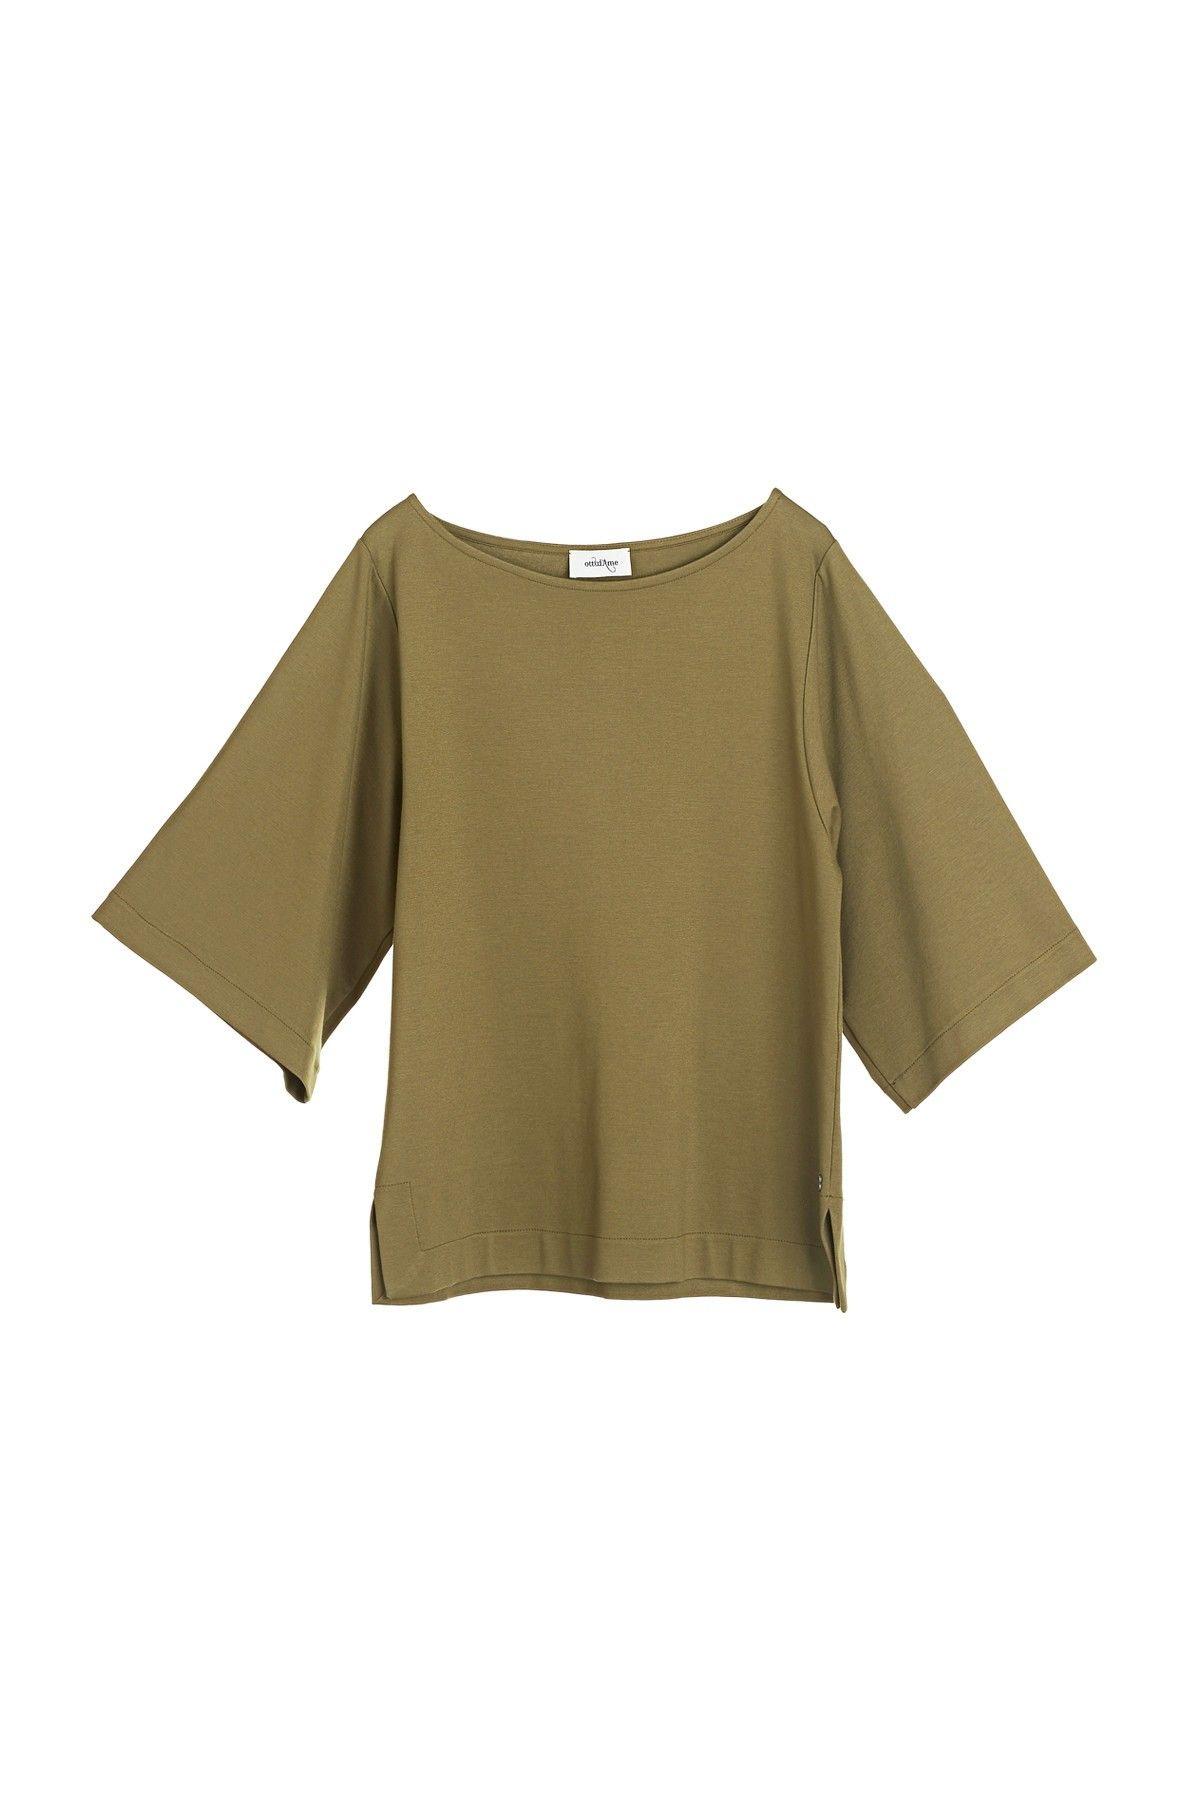 OTTOD'AME - Bluse - Maglia Shirt - Olio